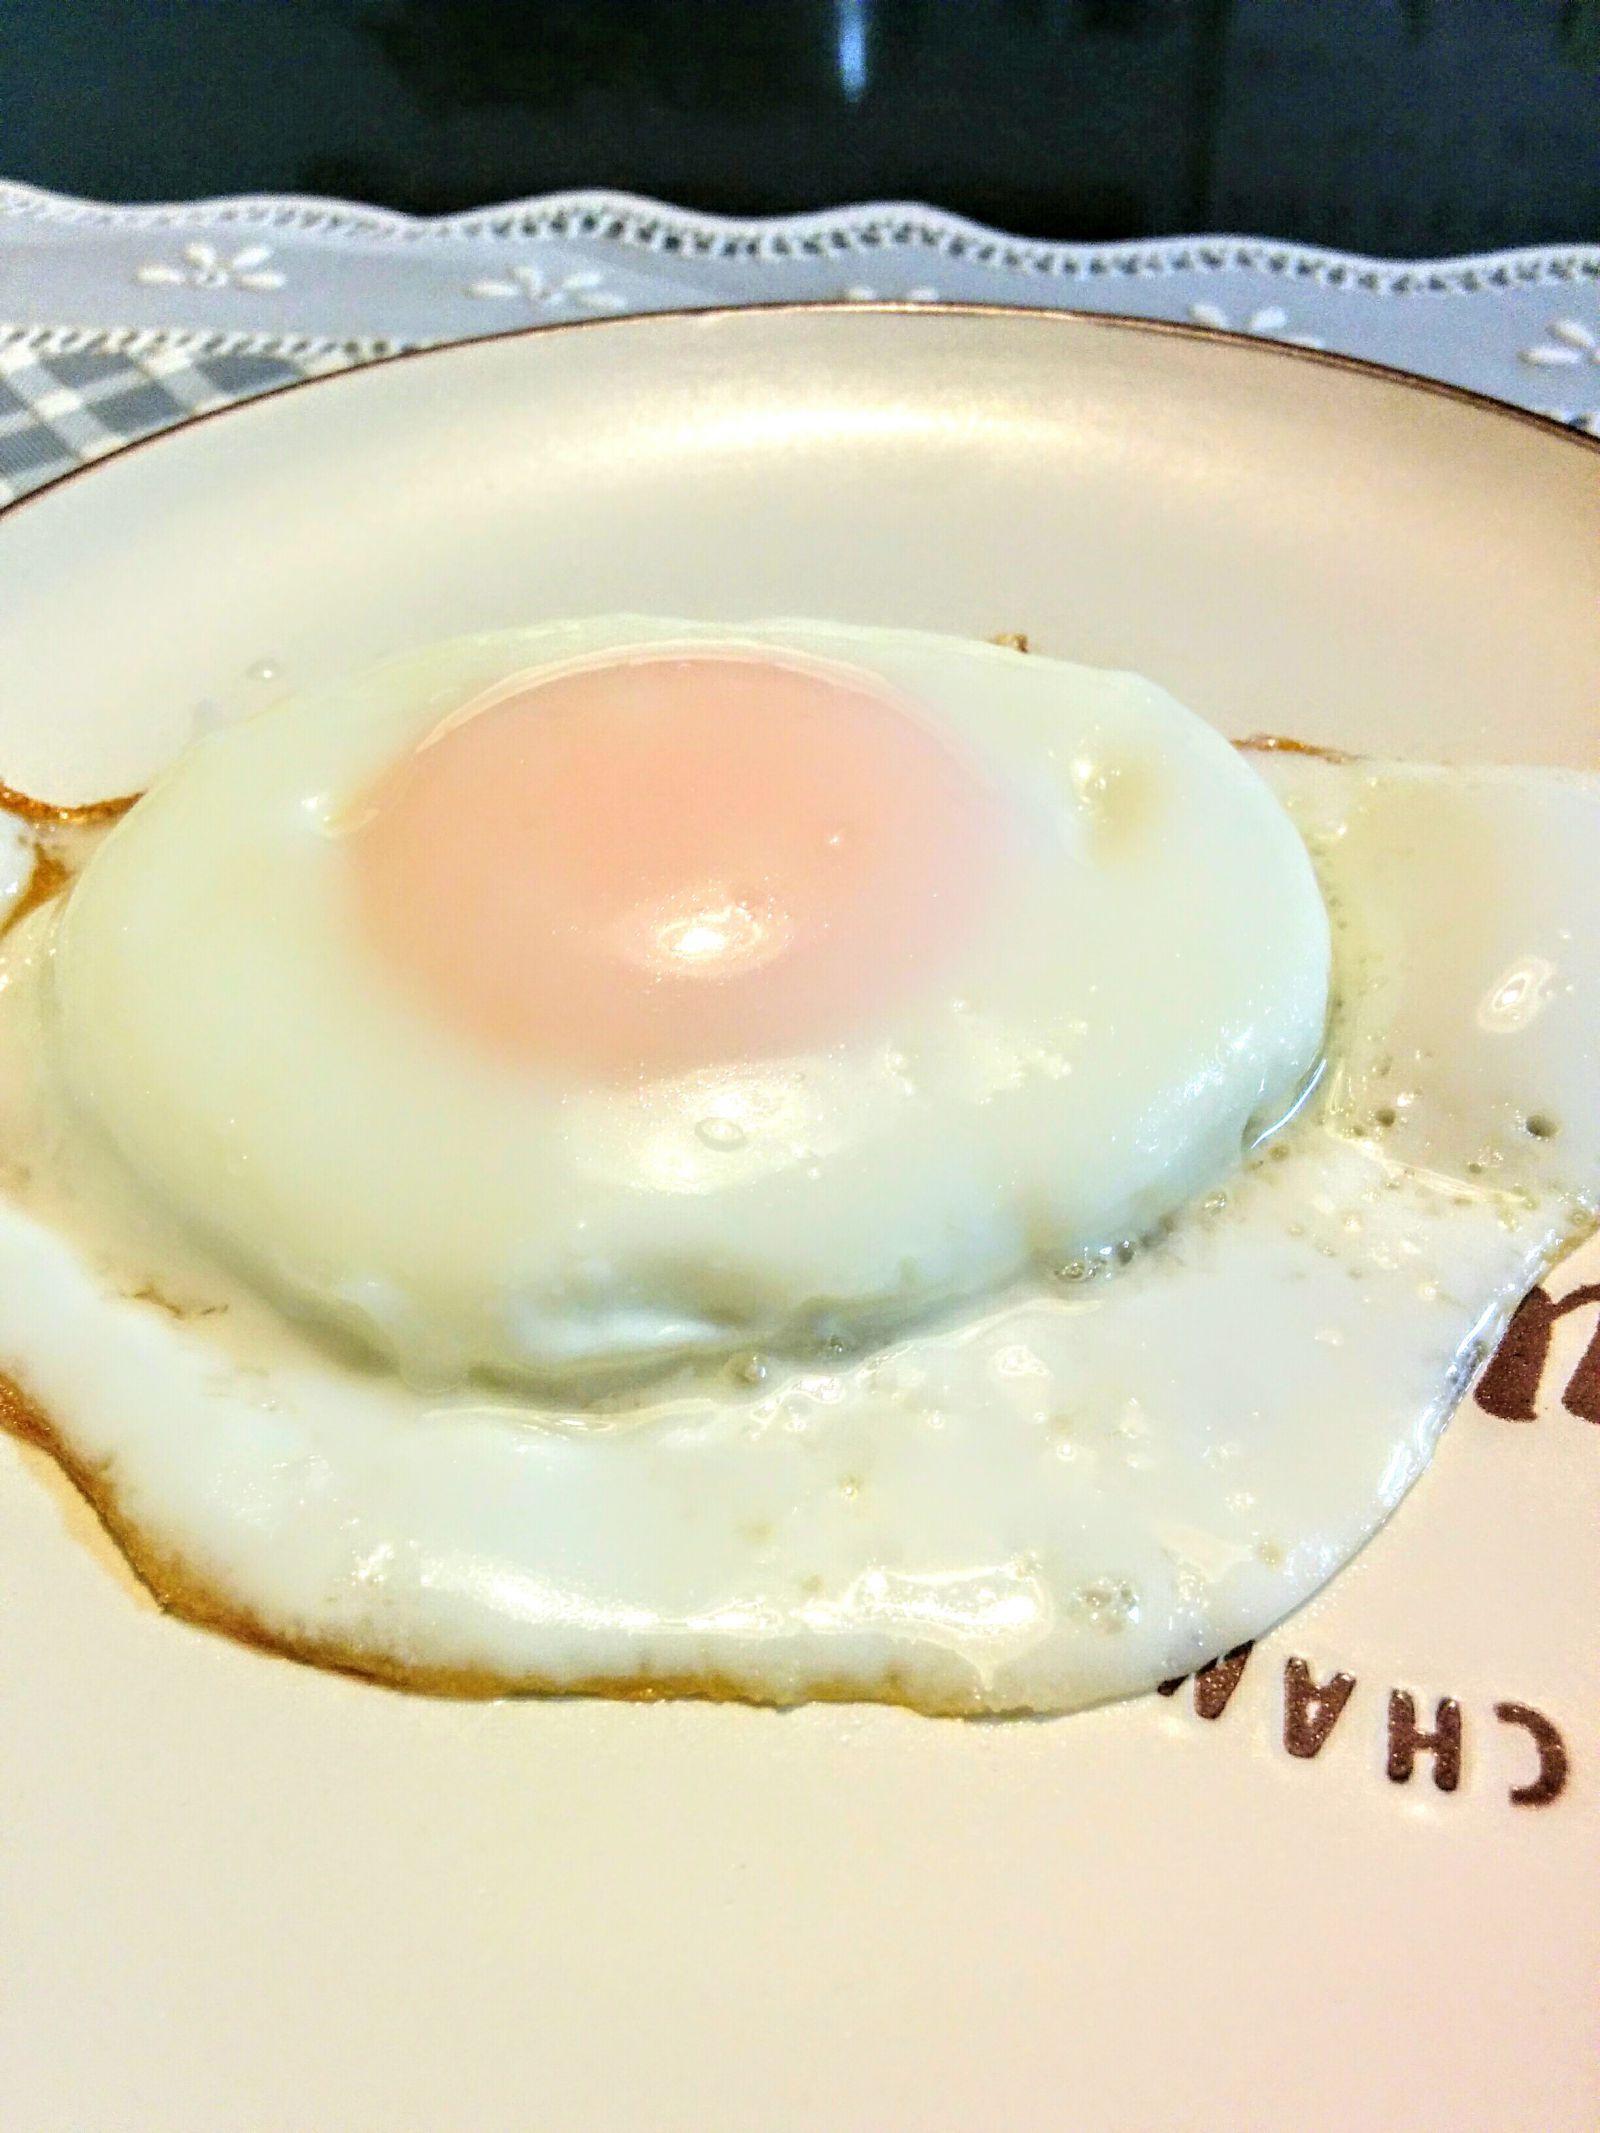 【小樽】自然卵たまごの家・卵焼きと目玉焼きグルメ案内